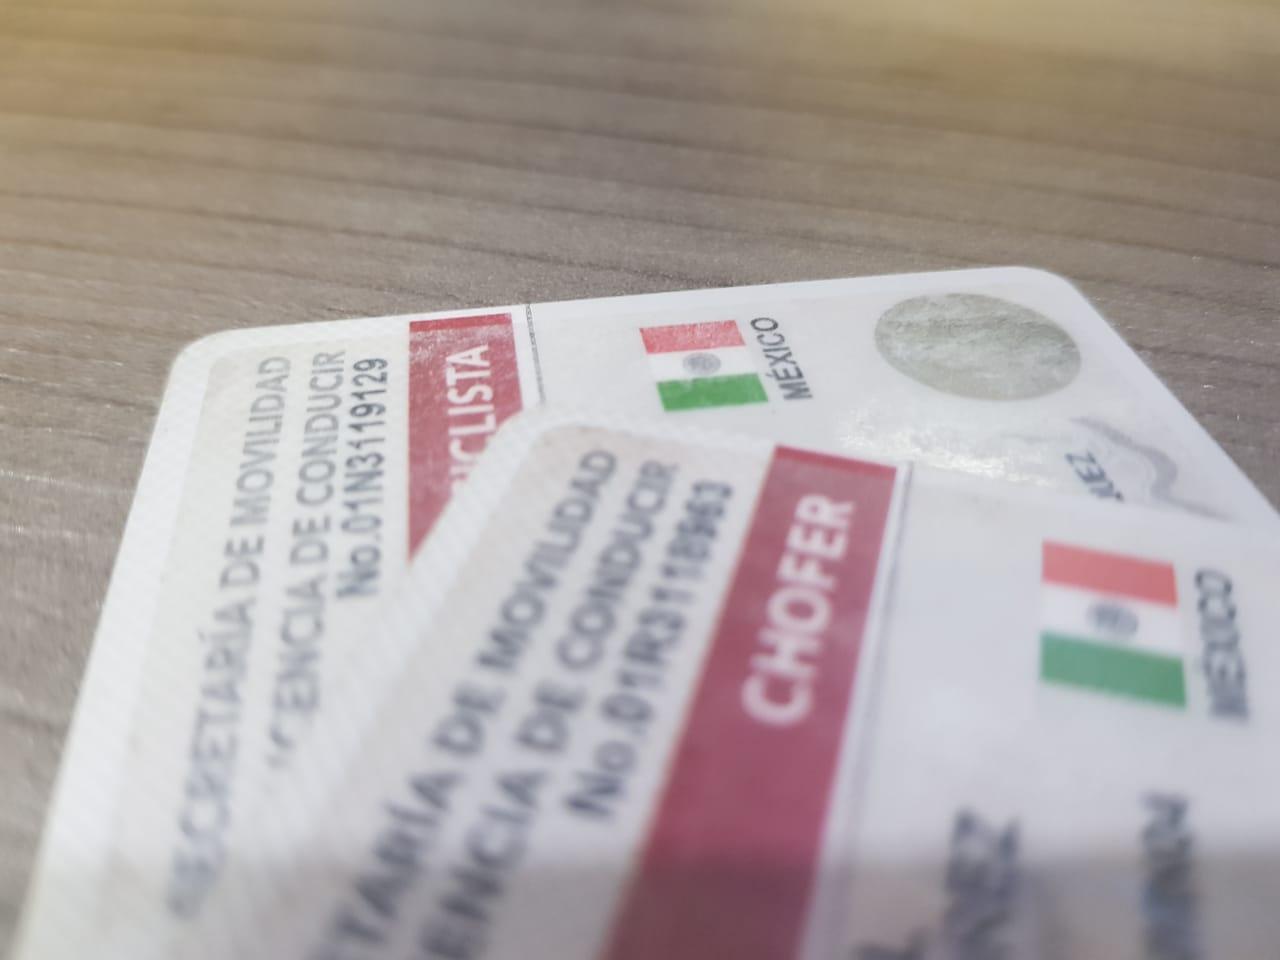 Habrá Nuevos Módulos Para Expedir Licencias De Manejo Diego